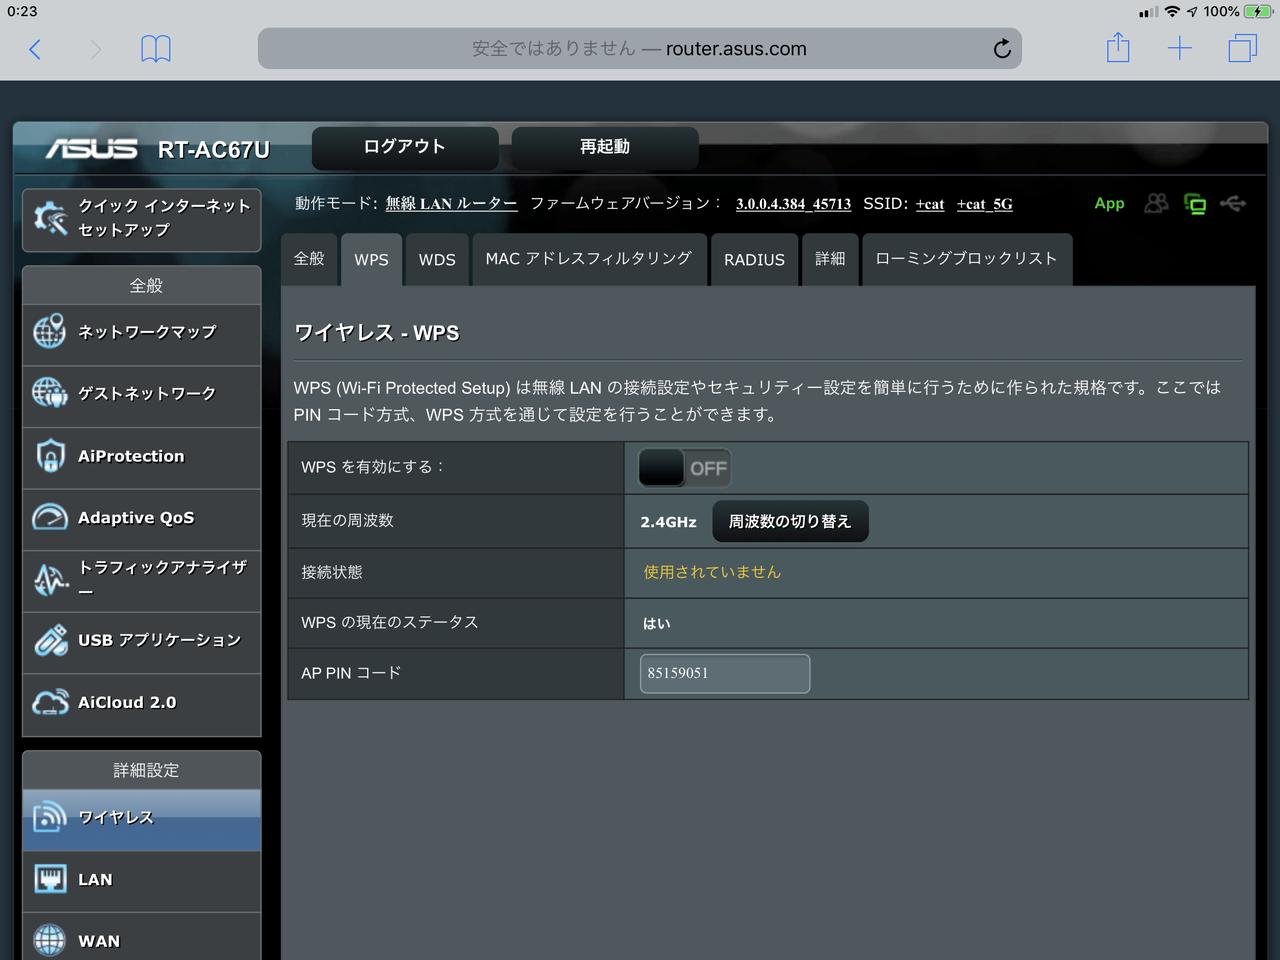 ウェブブラウザーから[ワイヤレス]の[WPS]のタブで、[WPSを有効にする]をオフにする